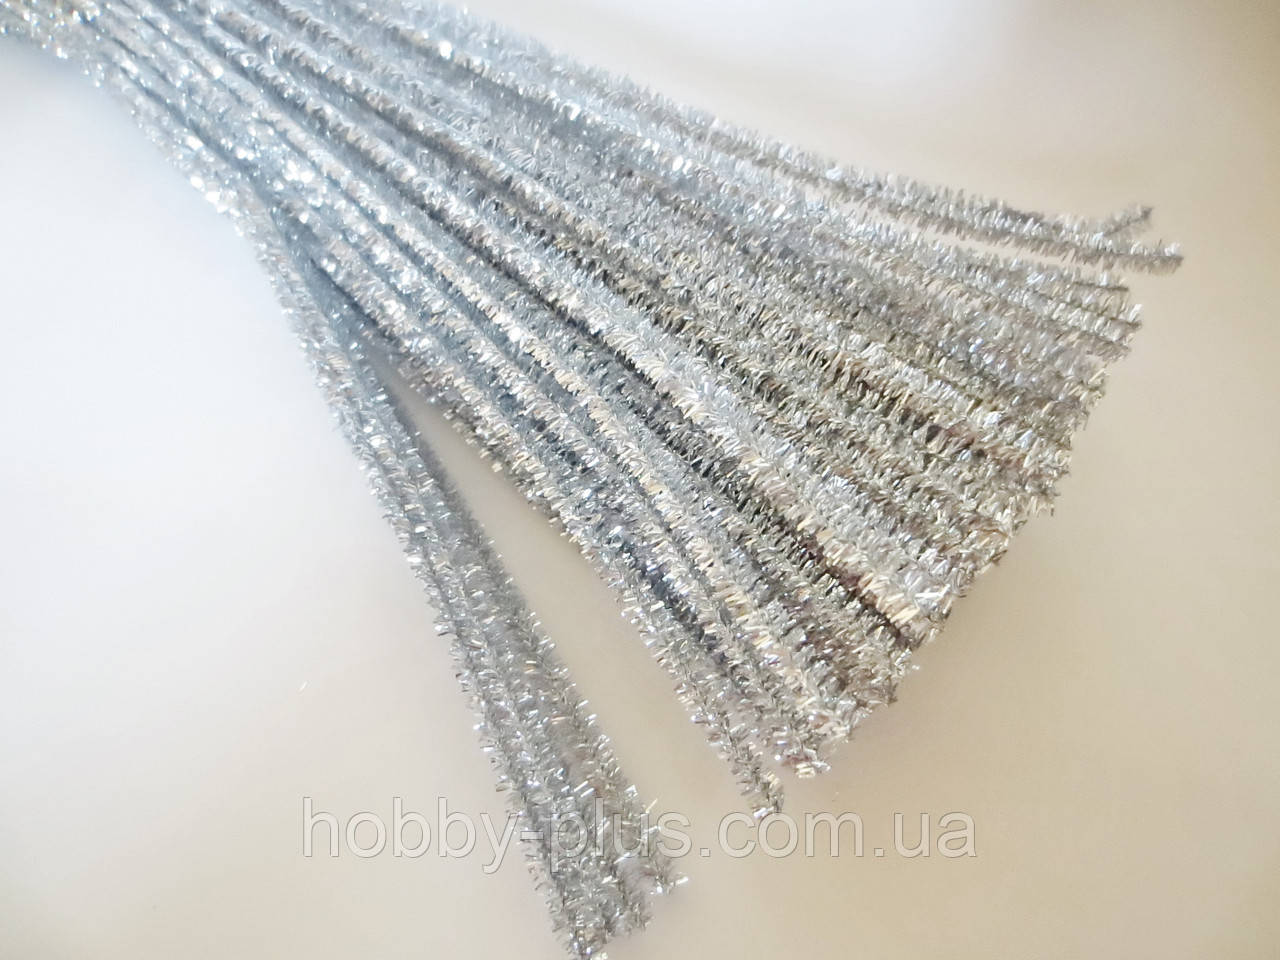 Синельная проволока, 30 см, цвет - серебро, блестящий, 10 шт